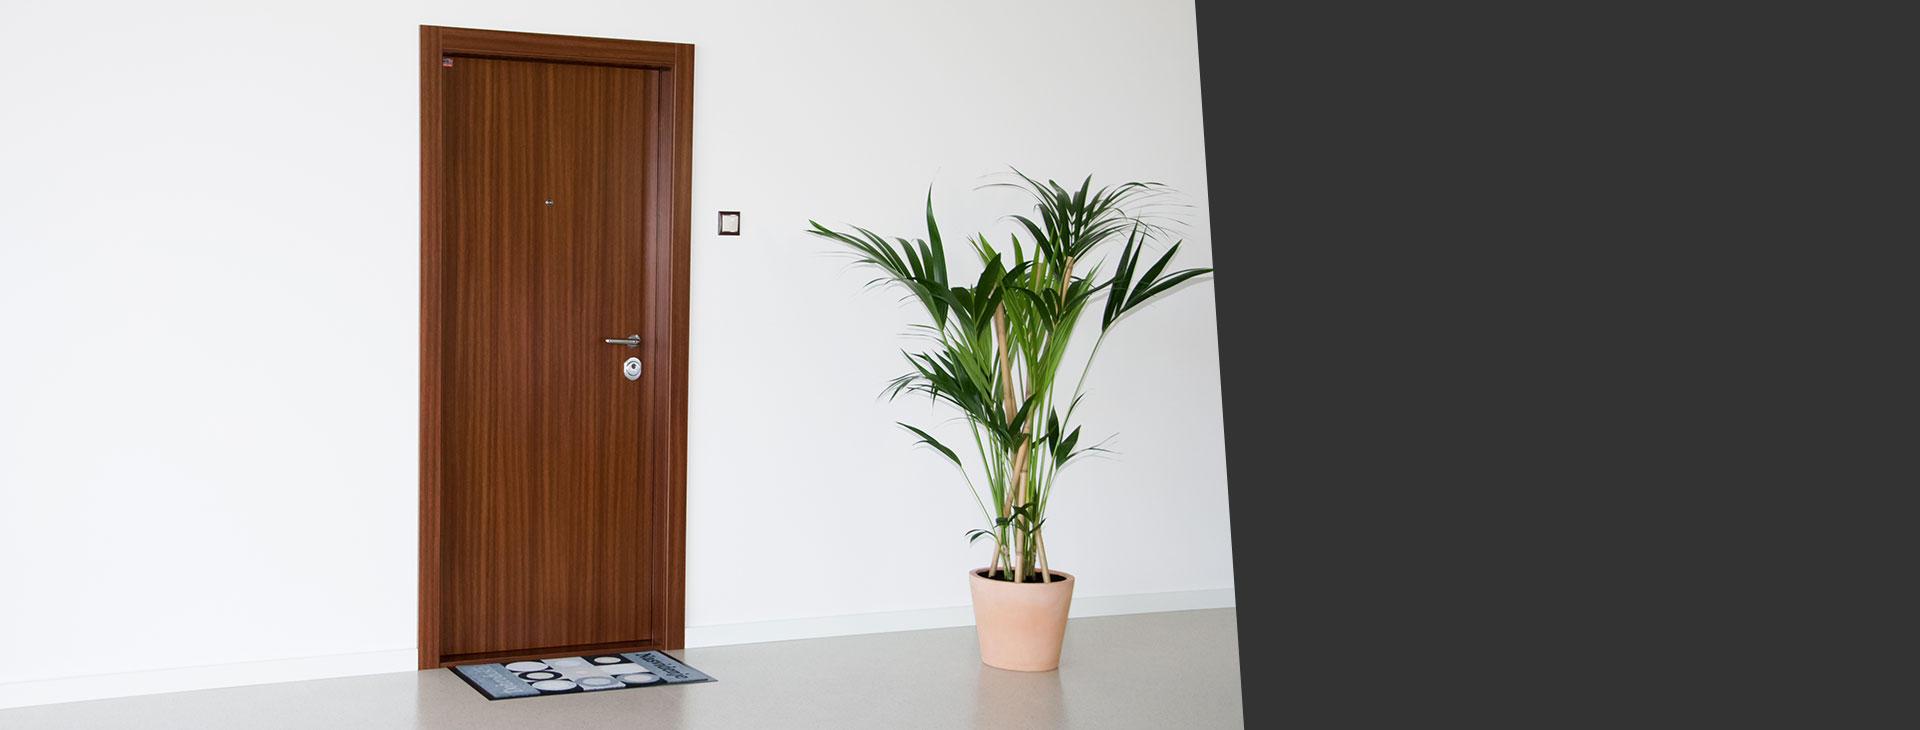 Zakaj izbrati vrata vlom? Lastna slovenska proizvodnja, interventna izdelava vrat, 24/7 urni intervencijski servis, vrata brez vidnih kovinskih robov,...  PREBERI VEĆ